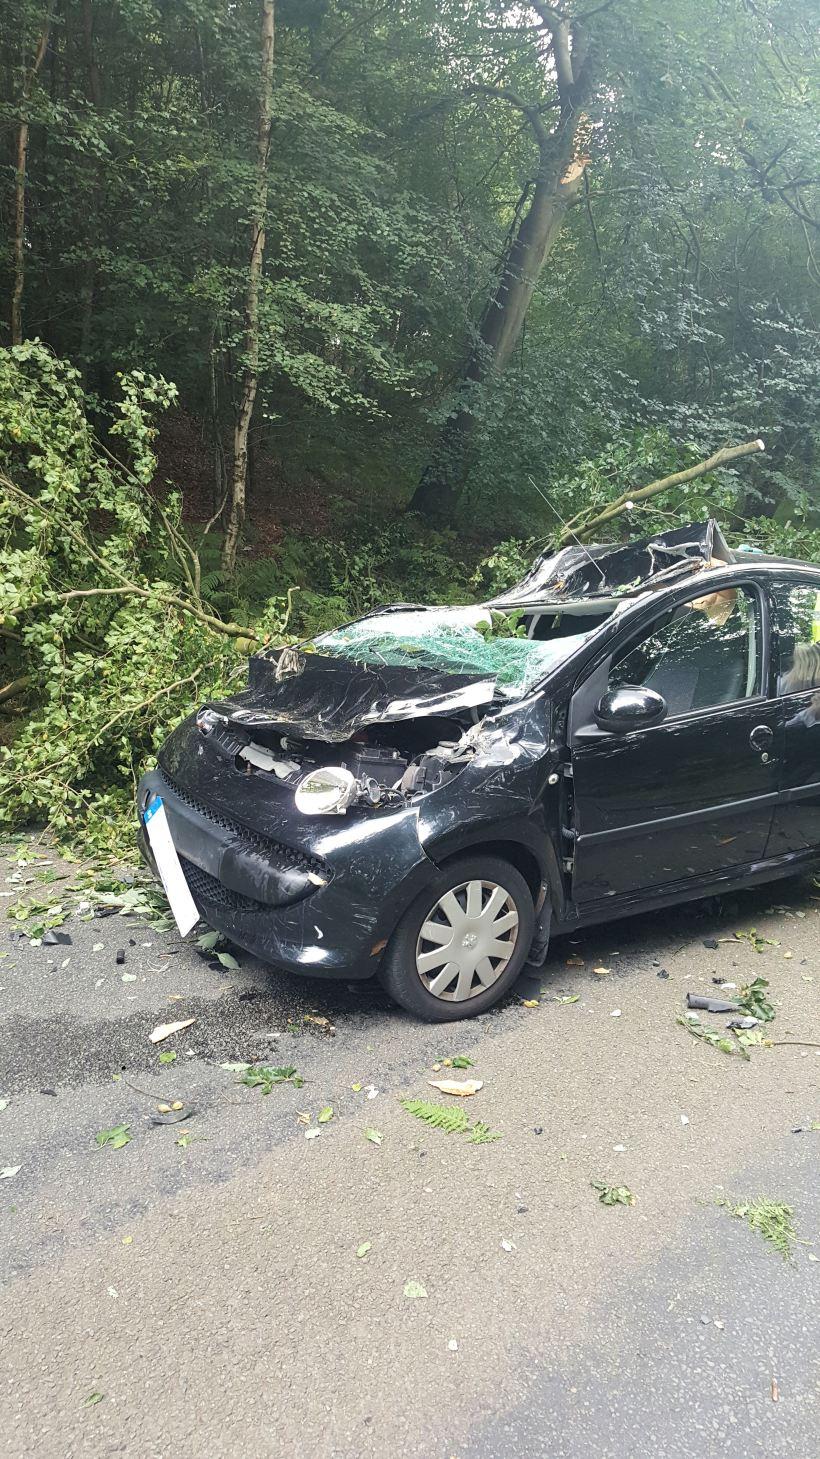 Tree Through Car 1 (25-07-16) - side